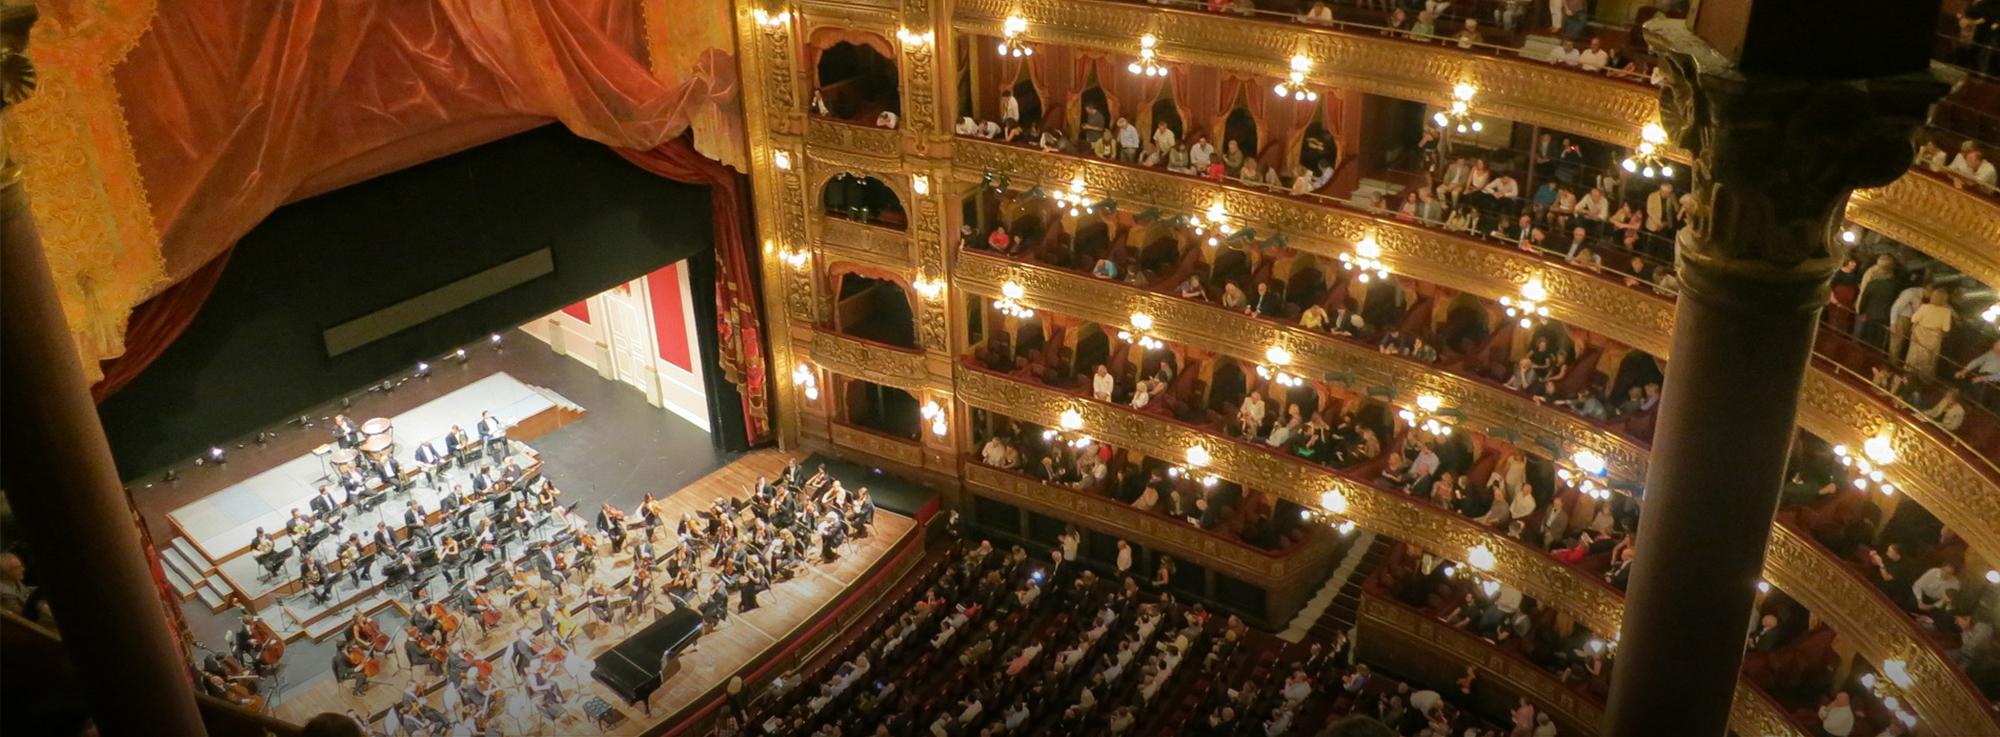 Taranto: La musica è pericolosa